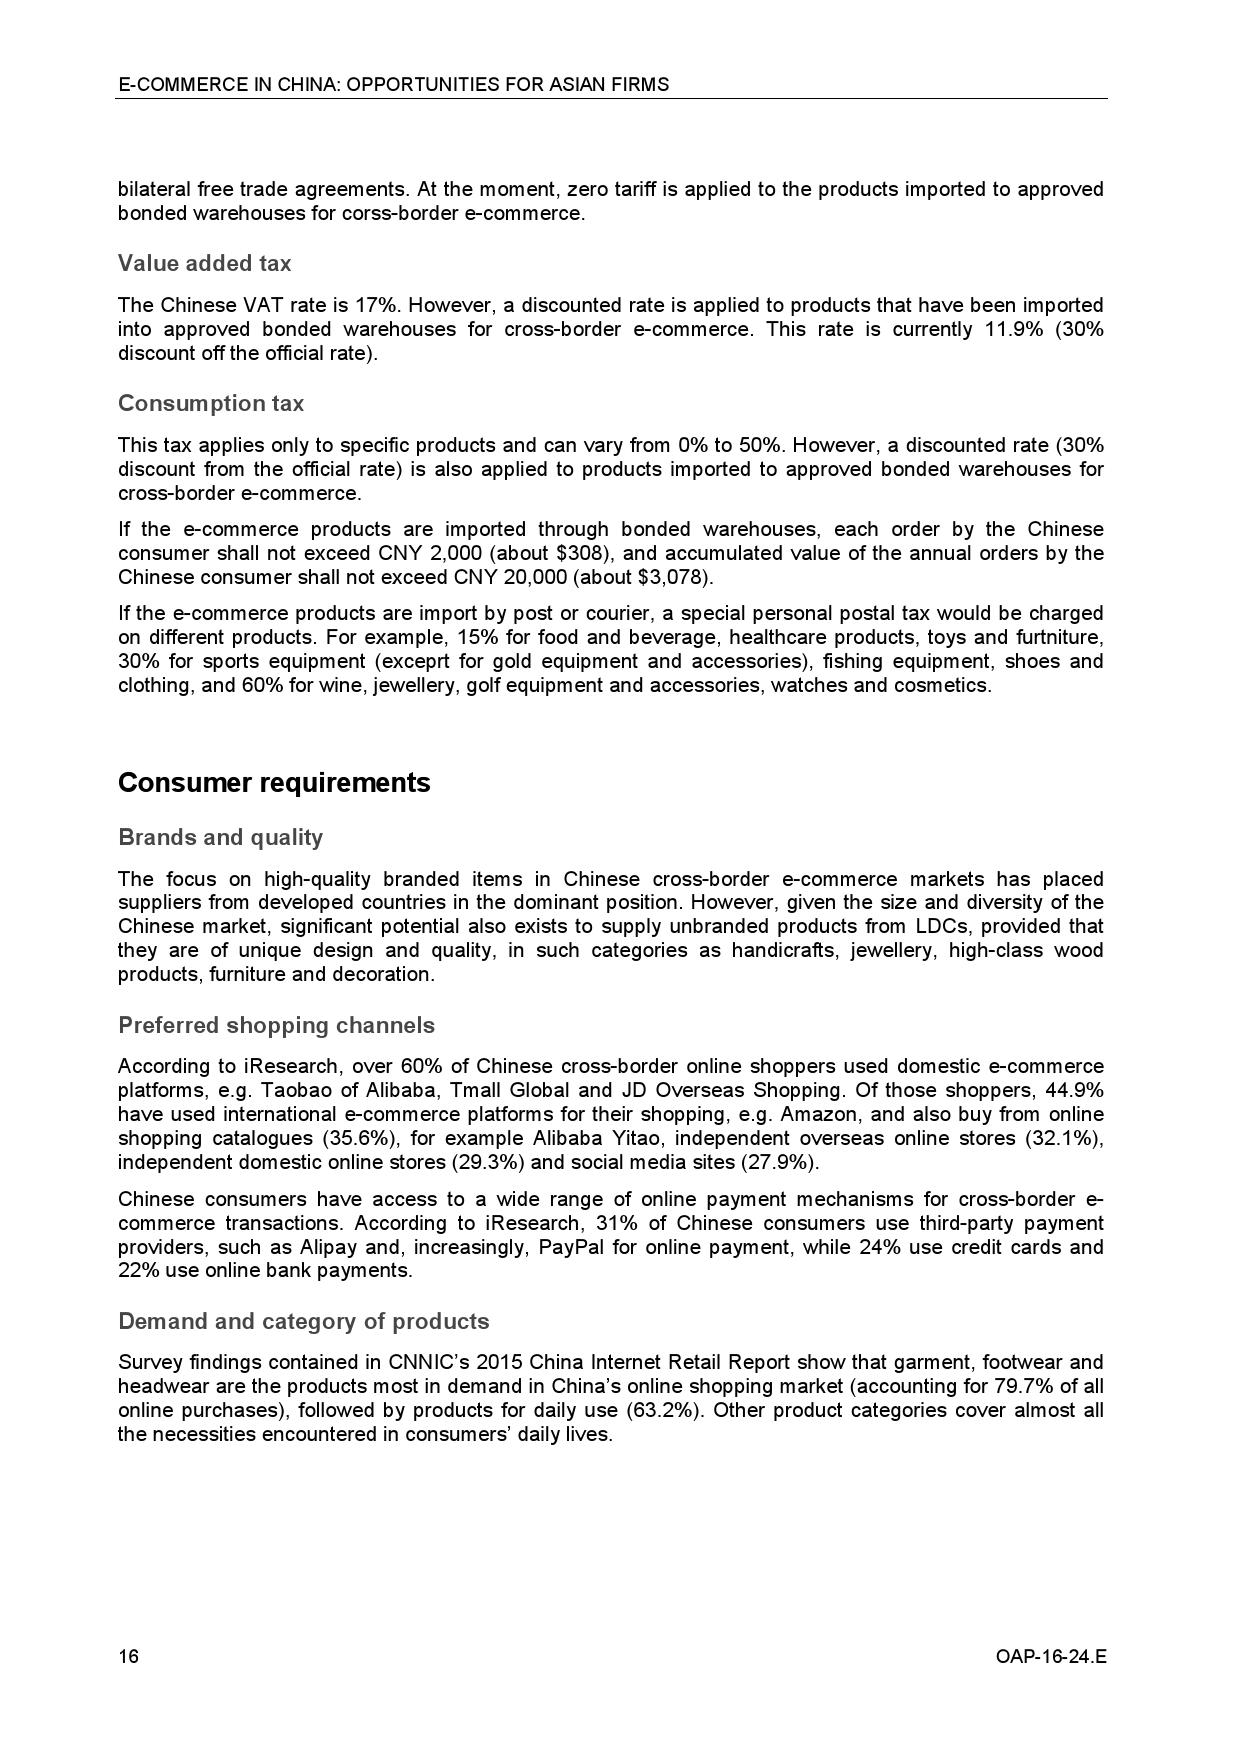 中国电子商务:对亚洲企业的机遇_000028